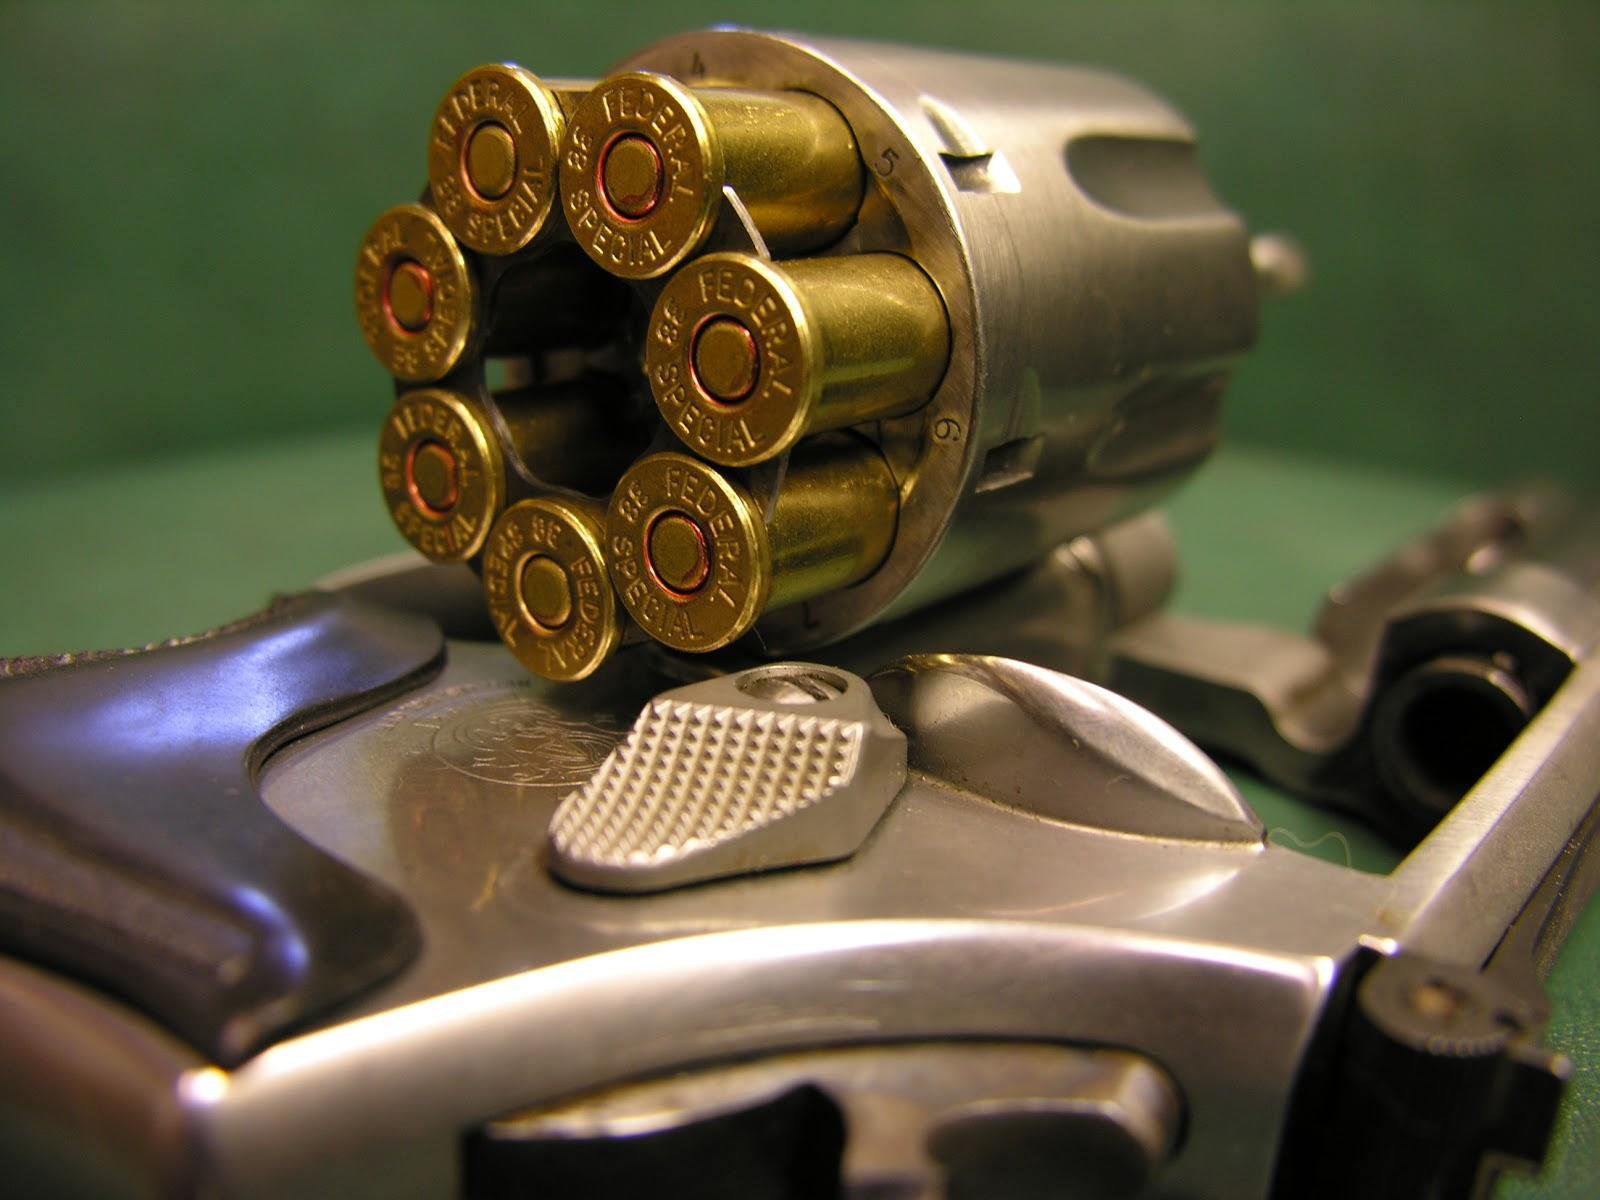 Guns & Weapons: Cool Guns Wallpapers #2